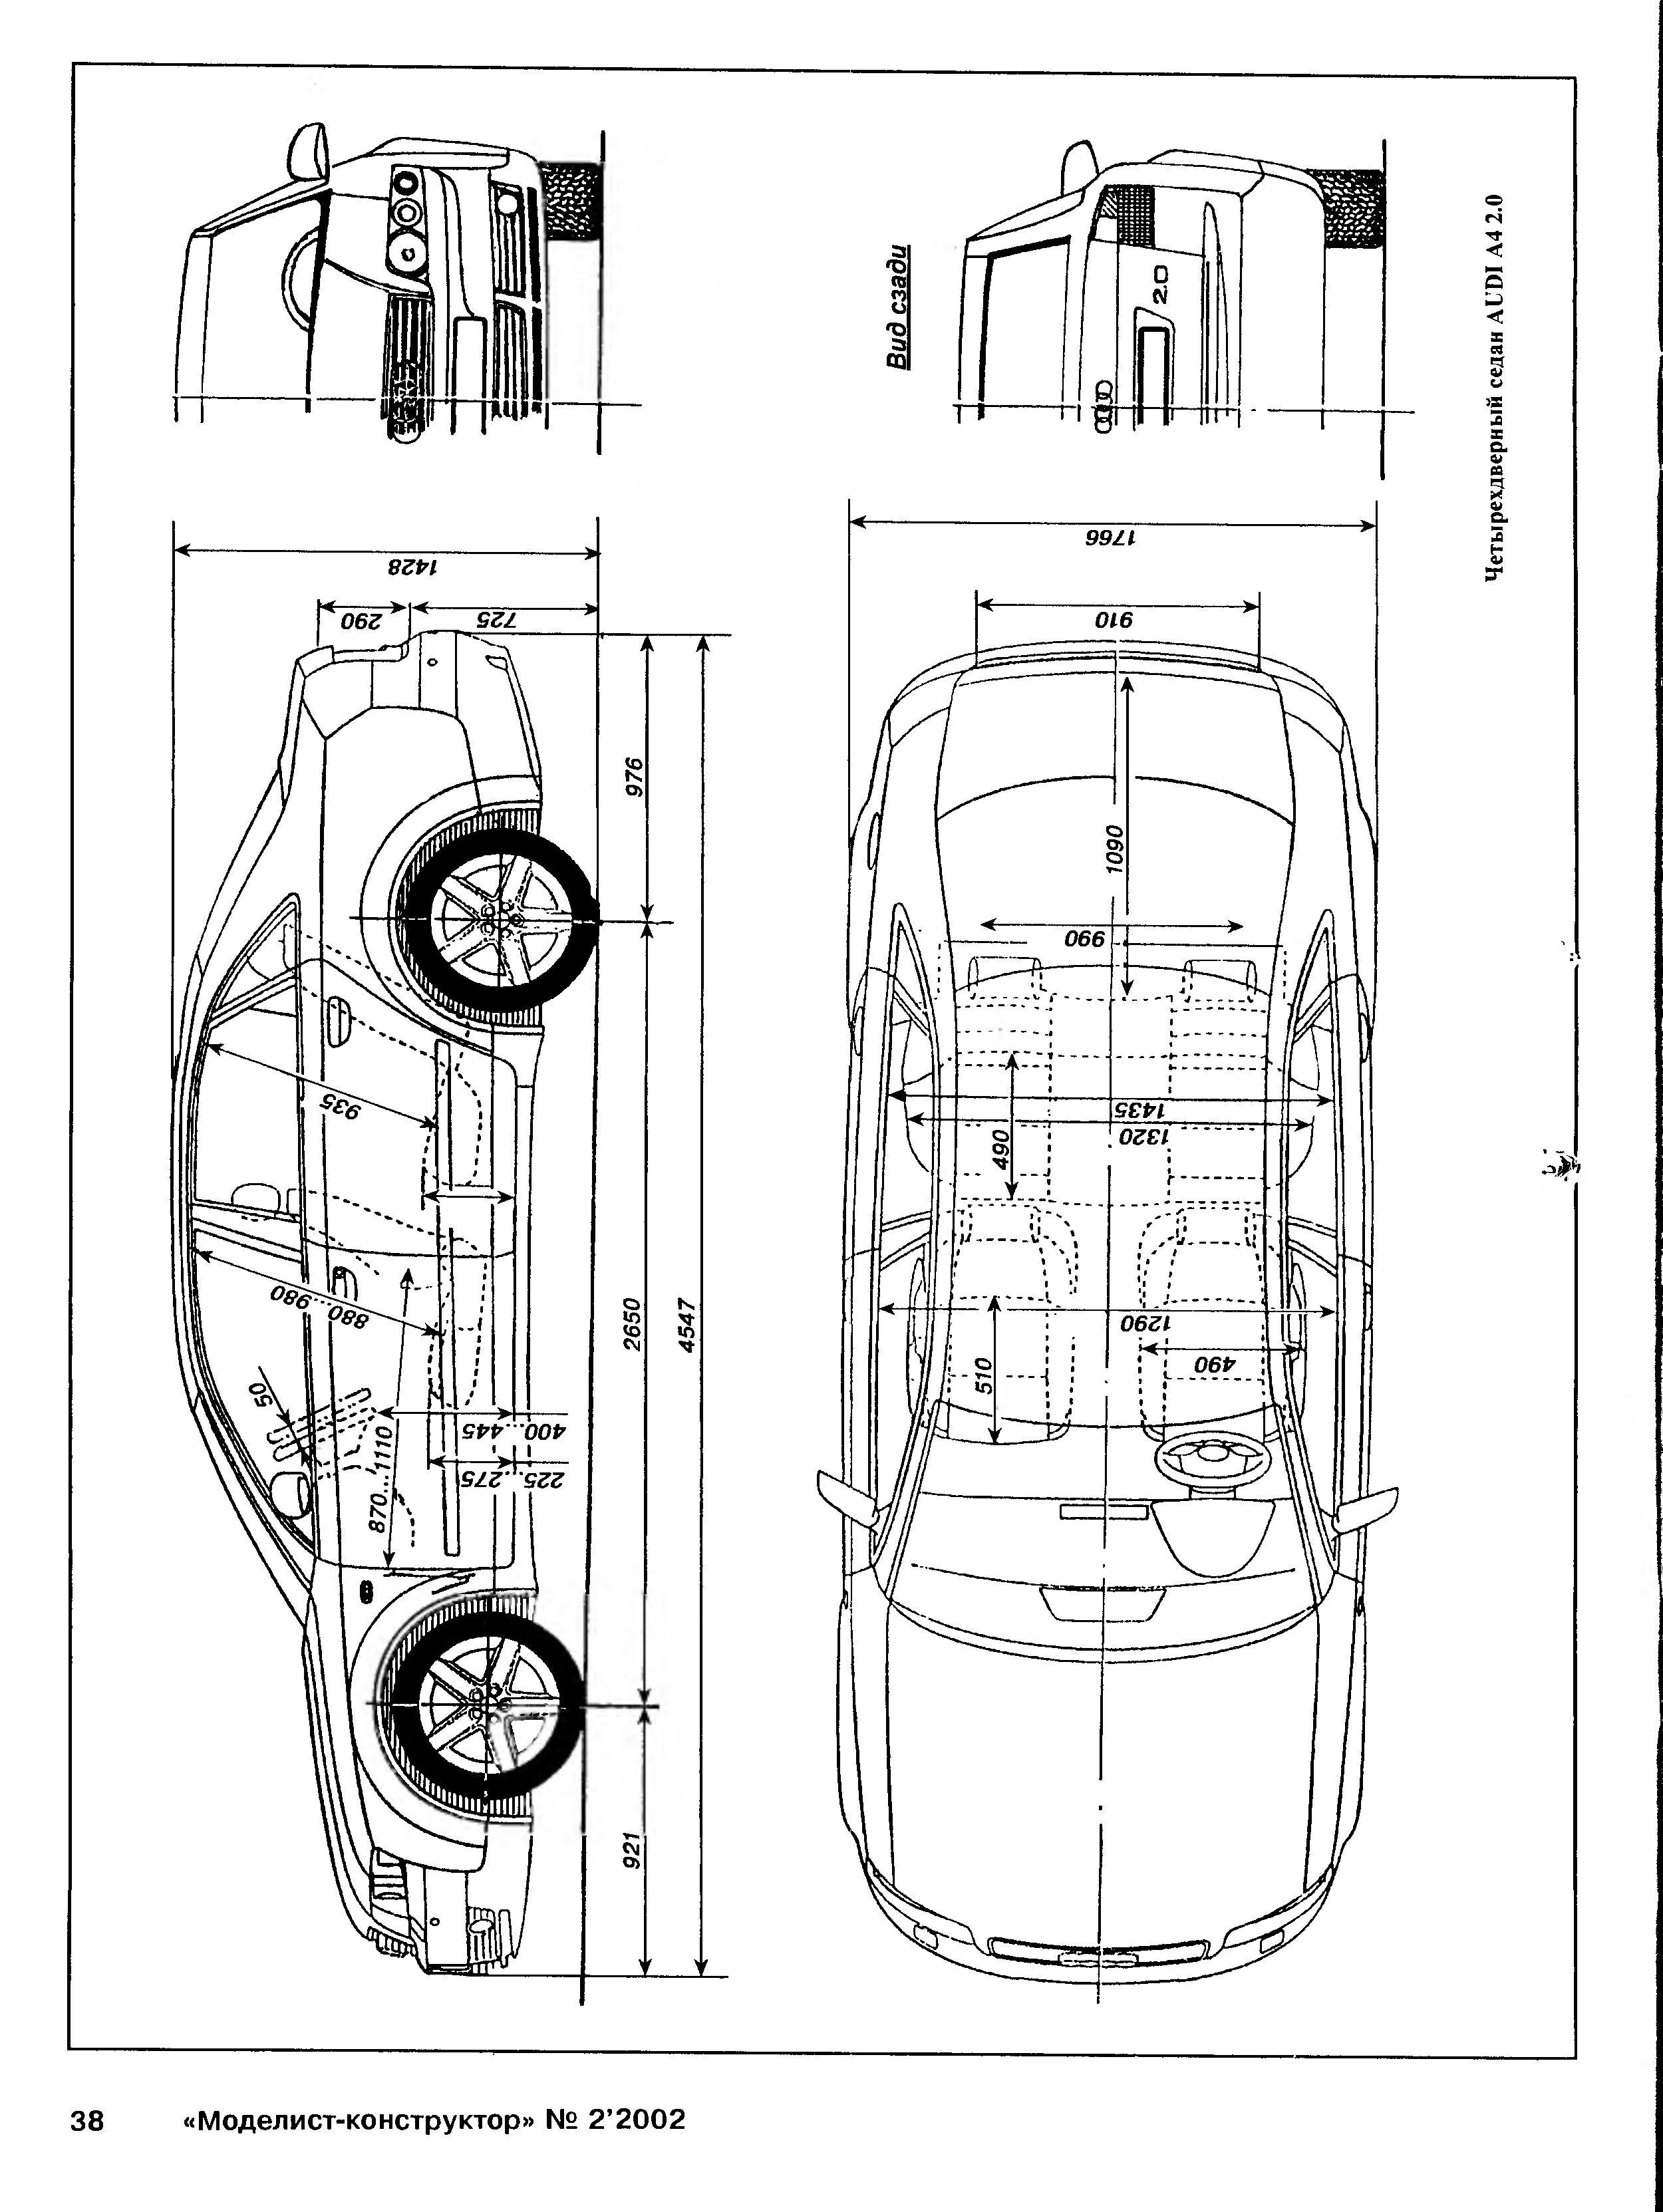 Четырехдверный седан AUDI A4 2.0